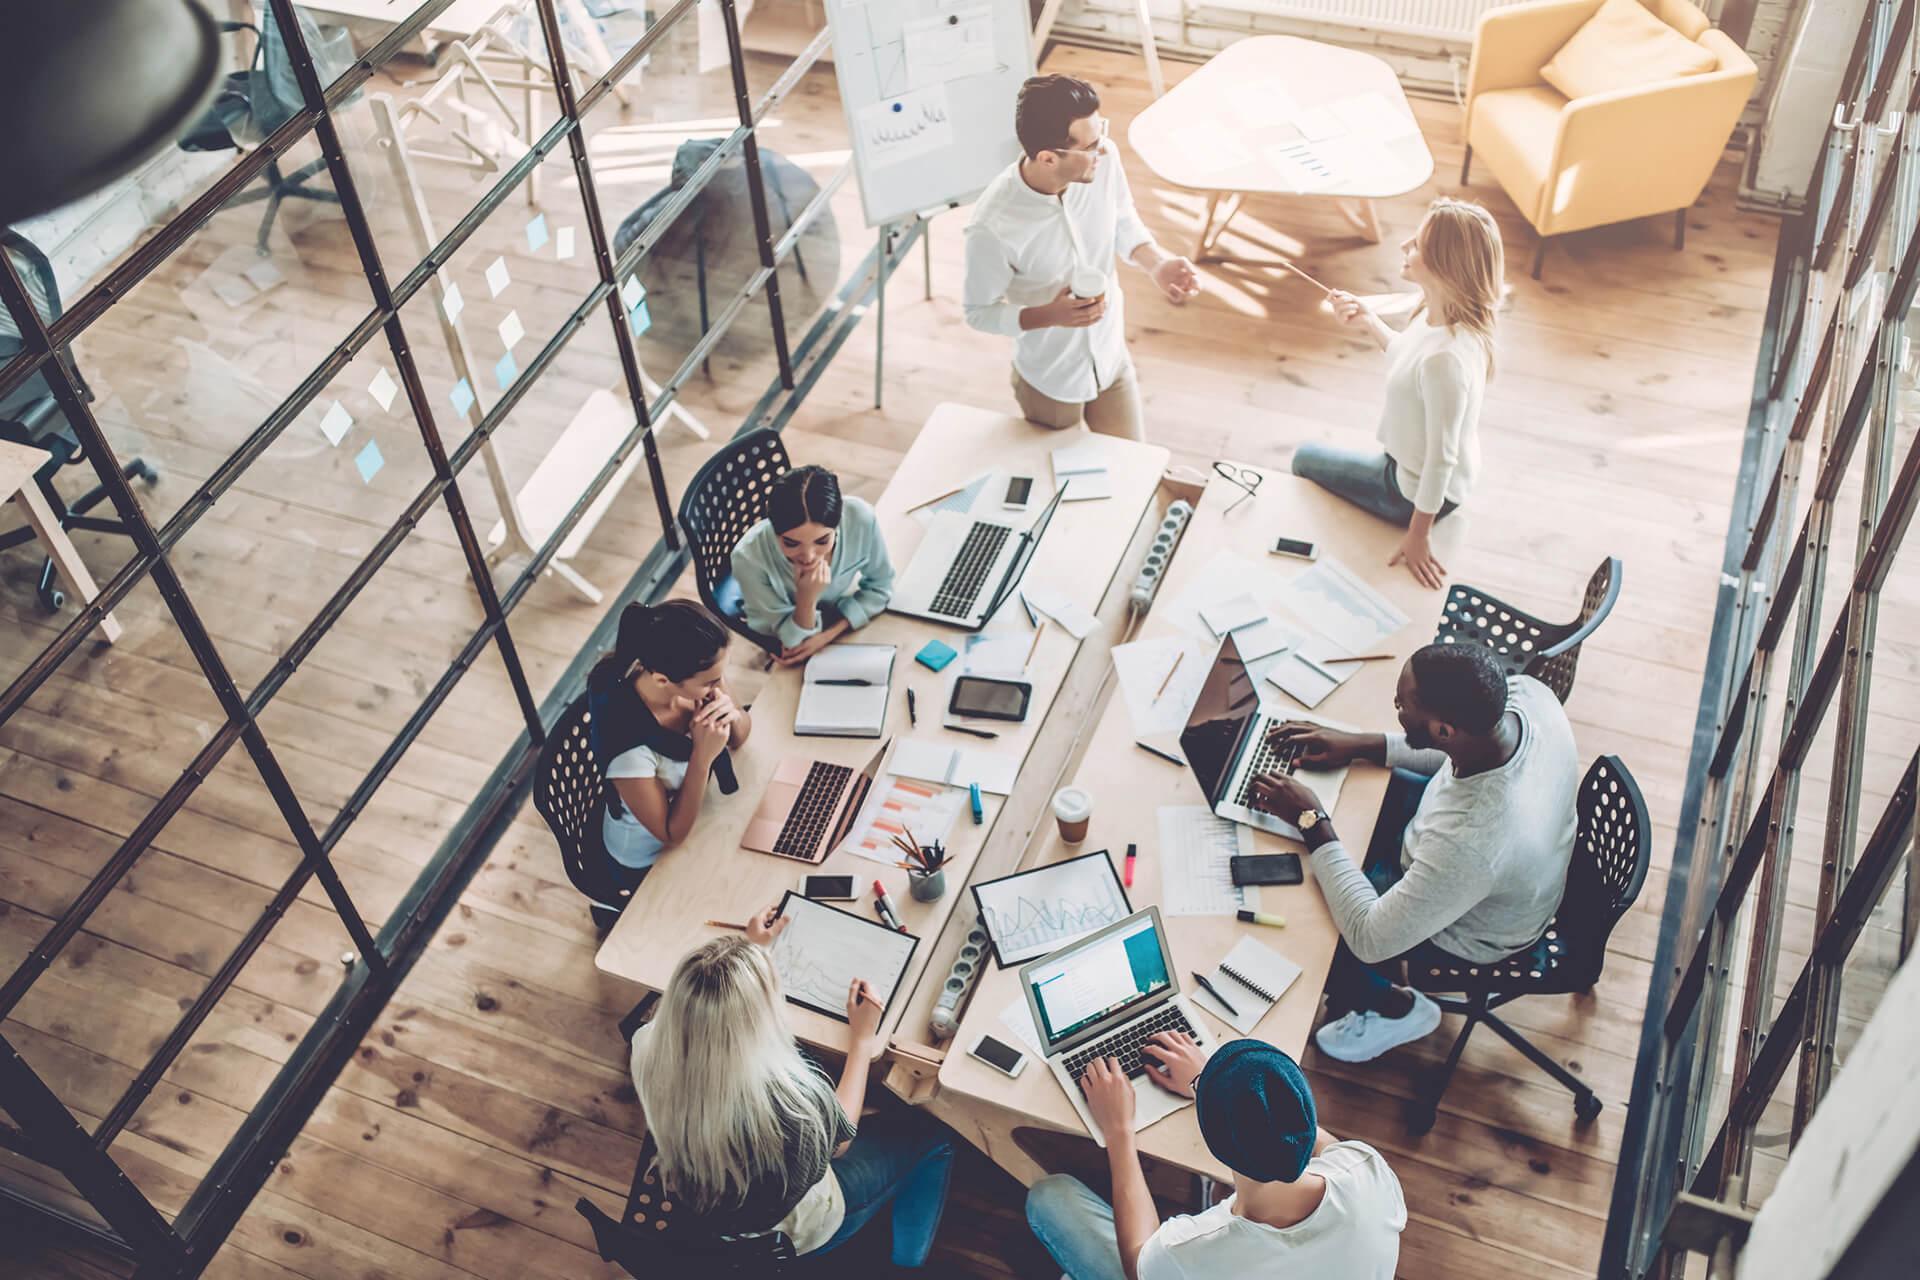 Minha ideia de startup é boa? Como descobrir